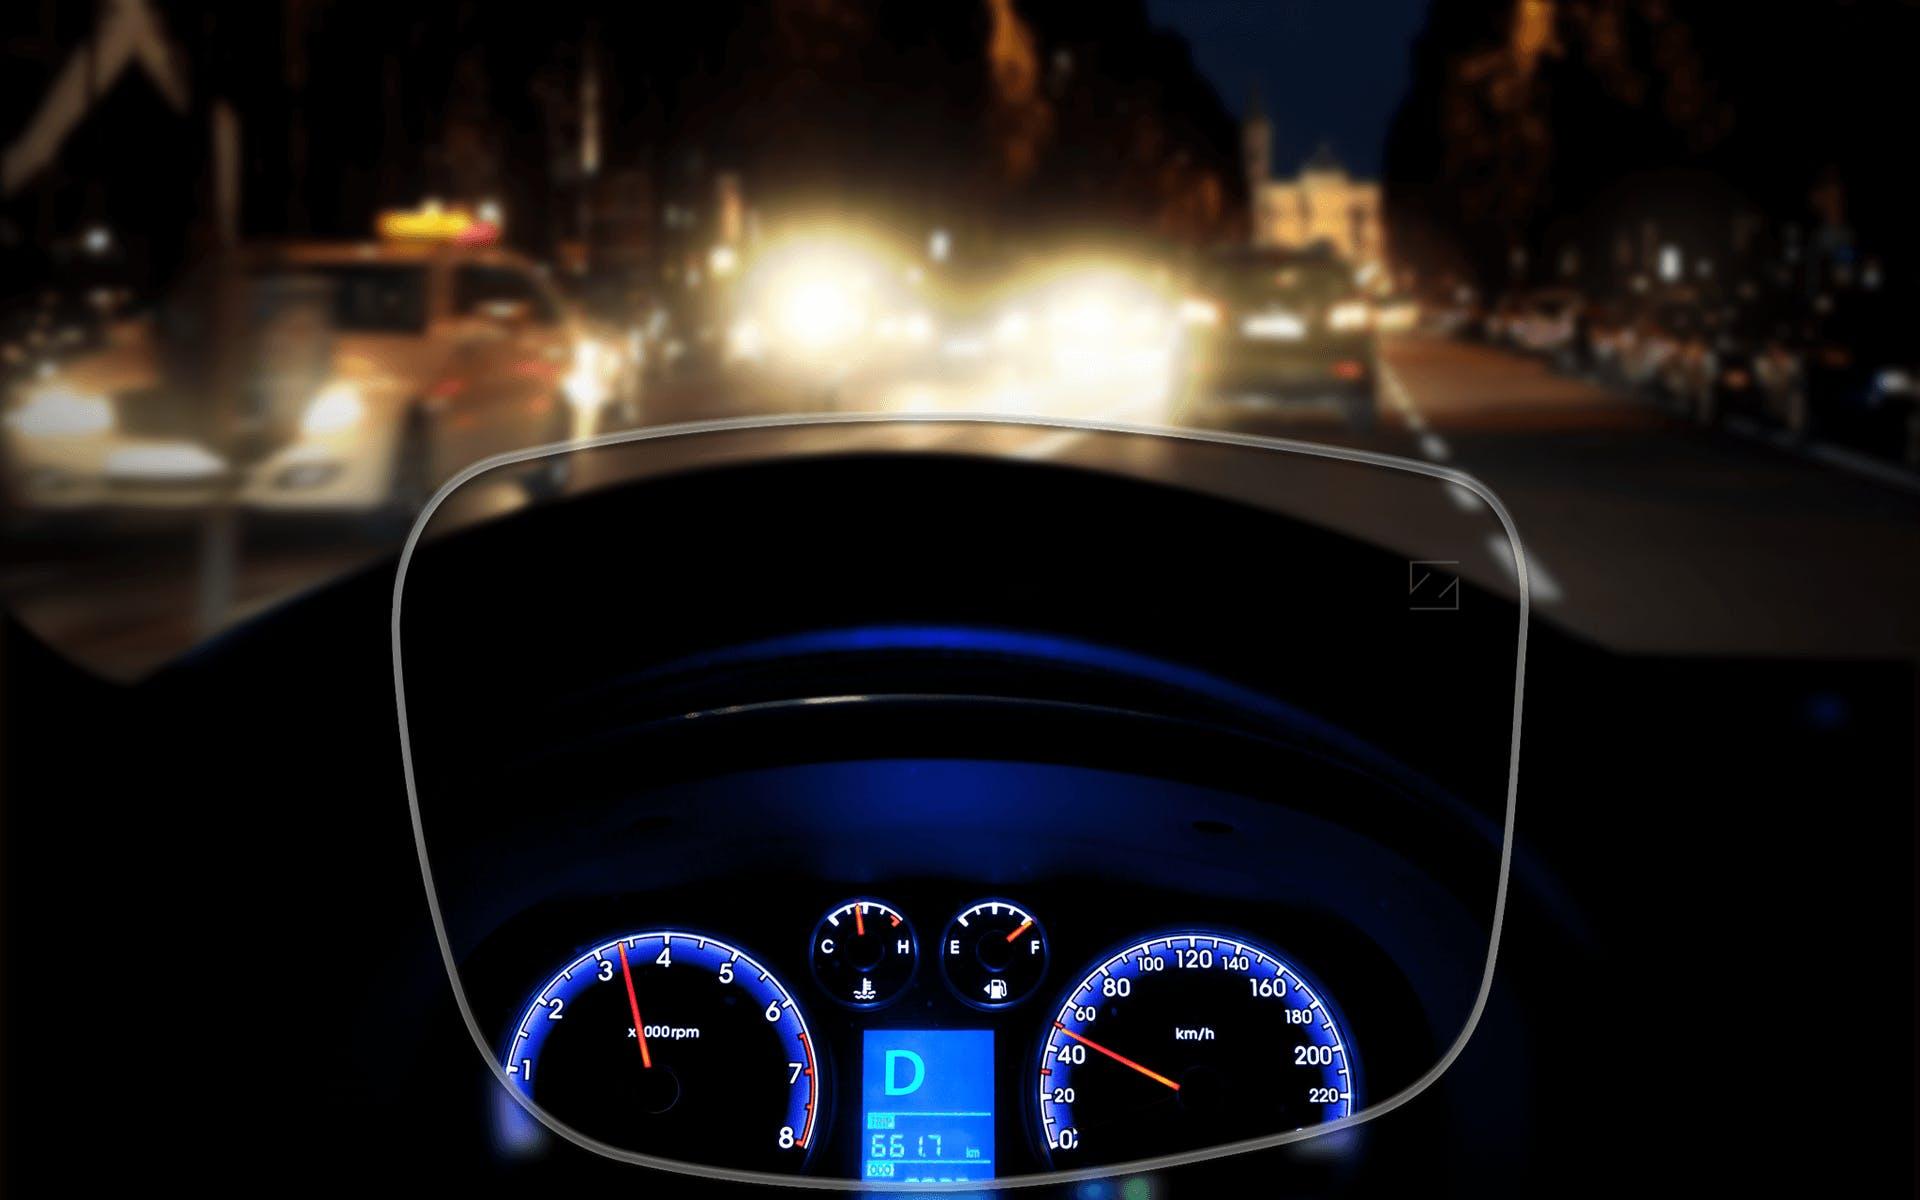 Drivesafe near distance